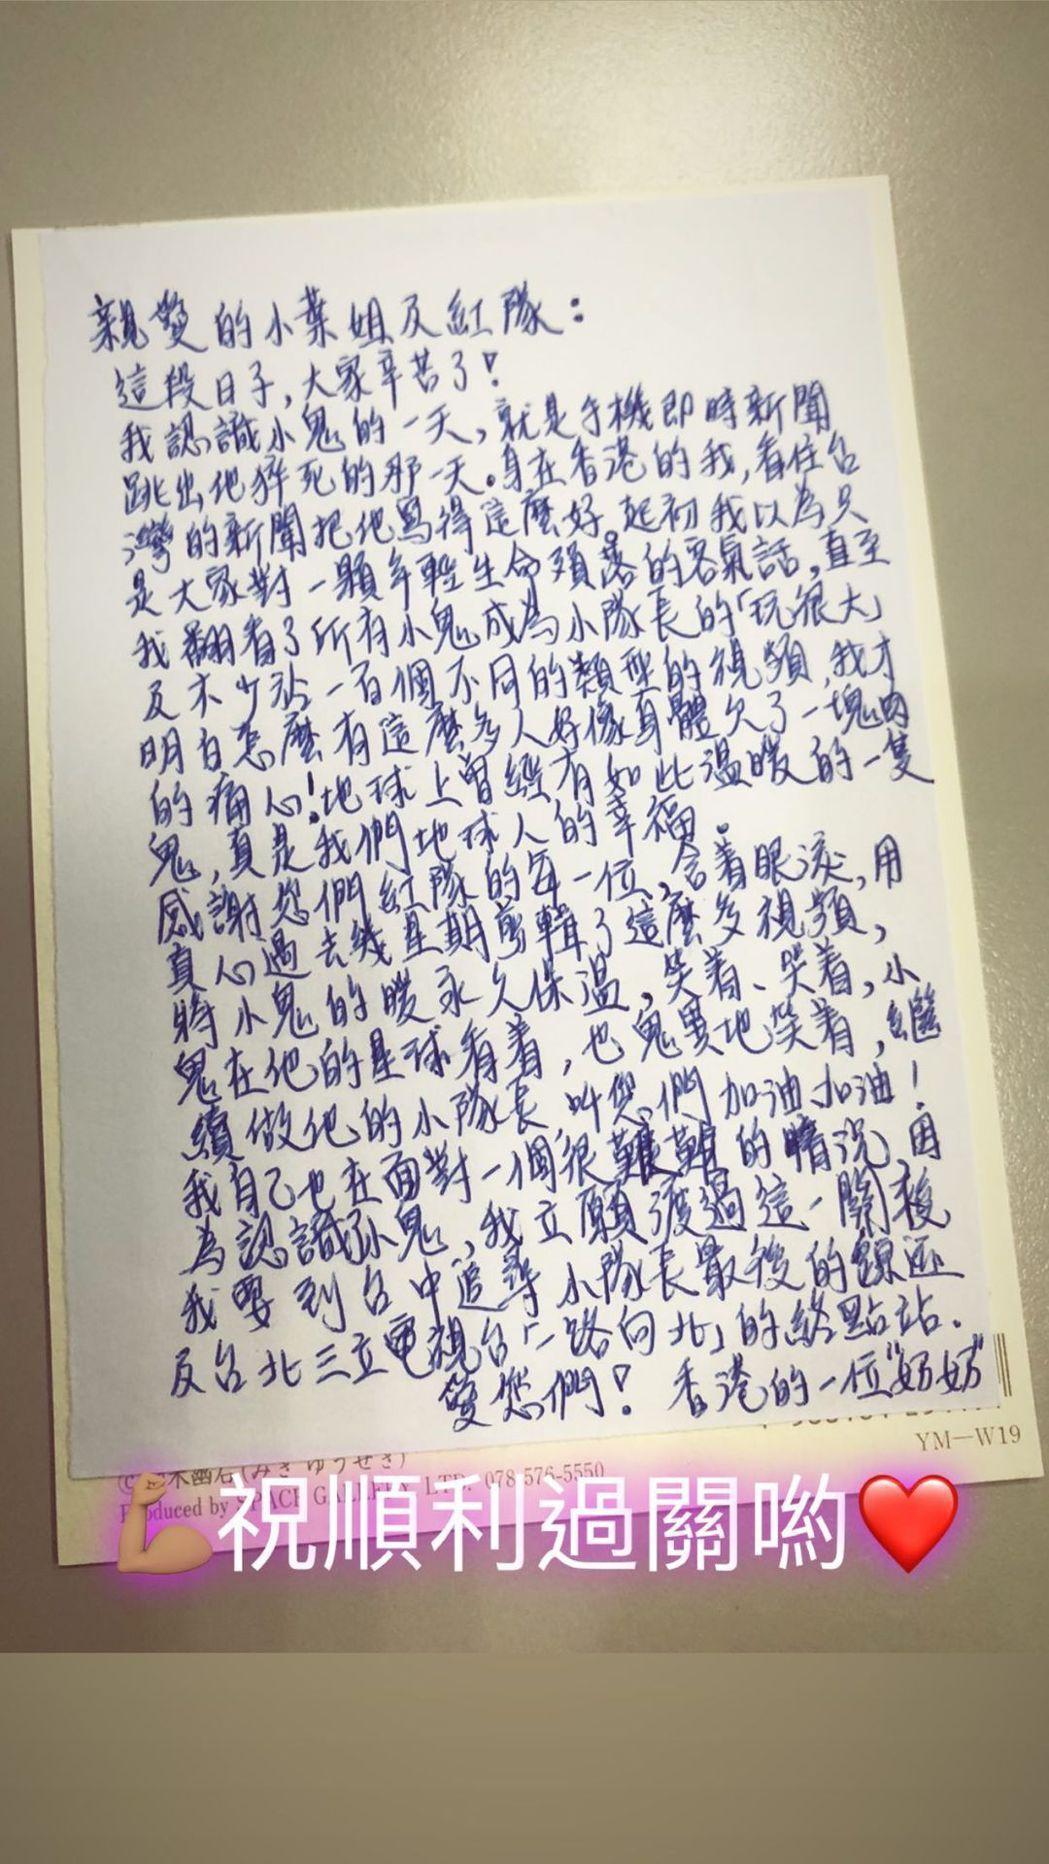 綜藝玩很大收香港粉絲的感謝信。 圖/擷自綜藝玩很大IG